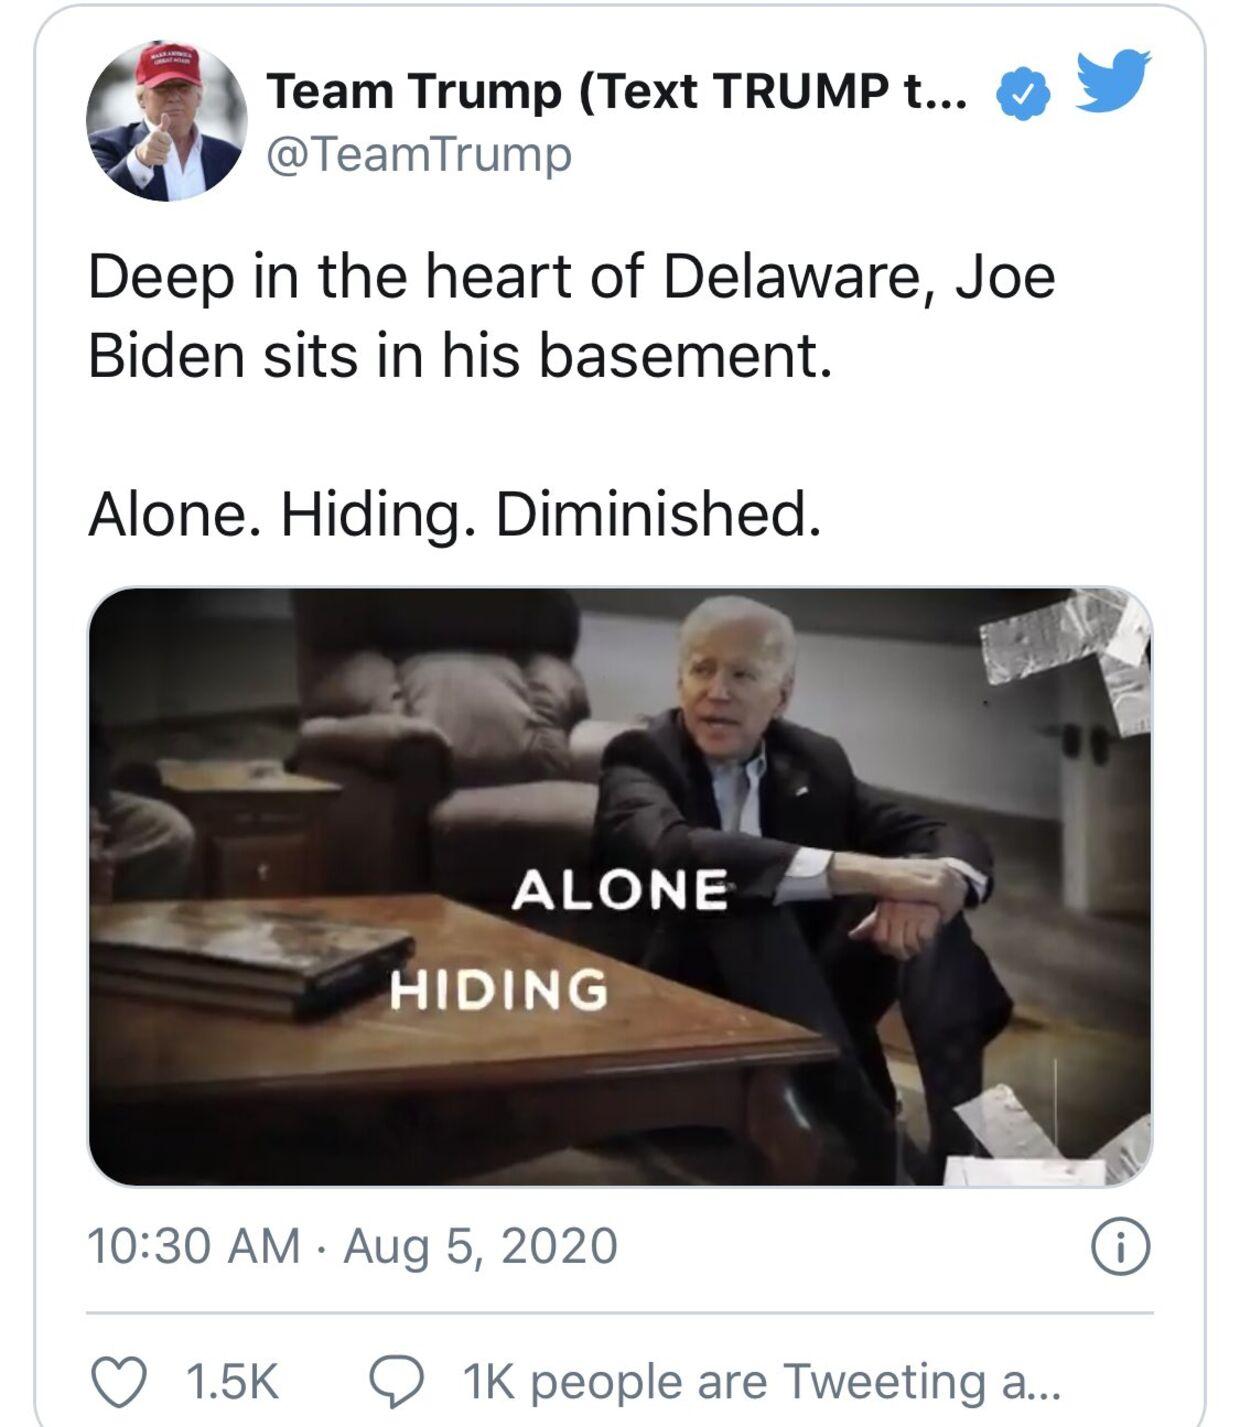 Trump-kampagnens forfalskede version. Joe Biden isoleret, på gulvet i egen kælder.